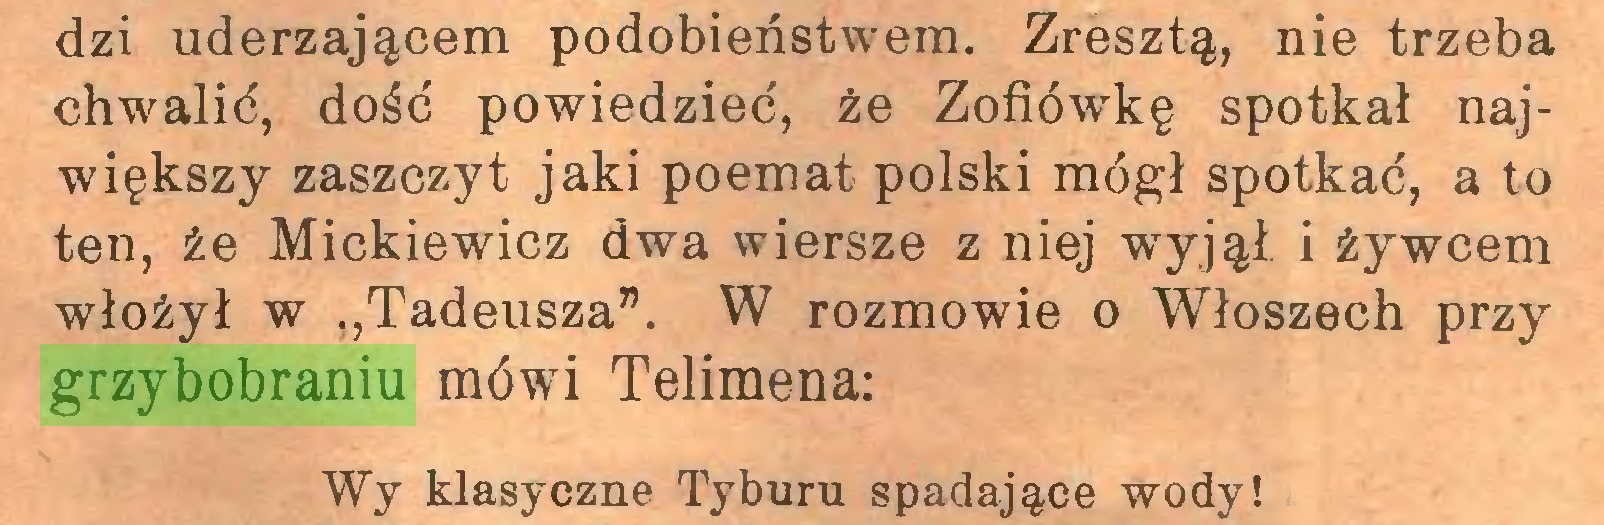 """(...) dzi uderzającem podobieństwem. Zresztą, nie trzeba chwalić, dość powiedzieć, że Zofiówkę spotkał największy zaszczyt jaki poemat polski mógł spotkać, a to ten, że Mickiewicz dwa wiersze z niej wyjął i żywcem włożył w """"Tadeusza"""". W rozmowie o Włoszech przy grzybobraniu mówi Telimena: Wy klasyczne Tyburu spadające wody!..."""